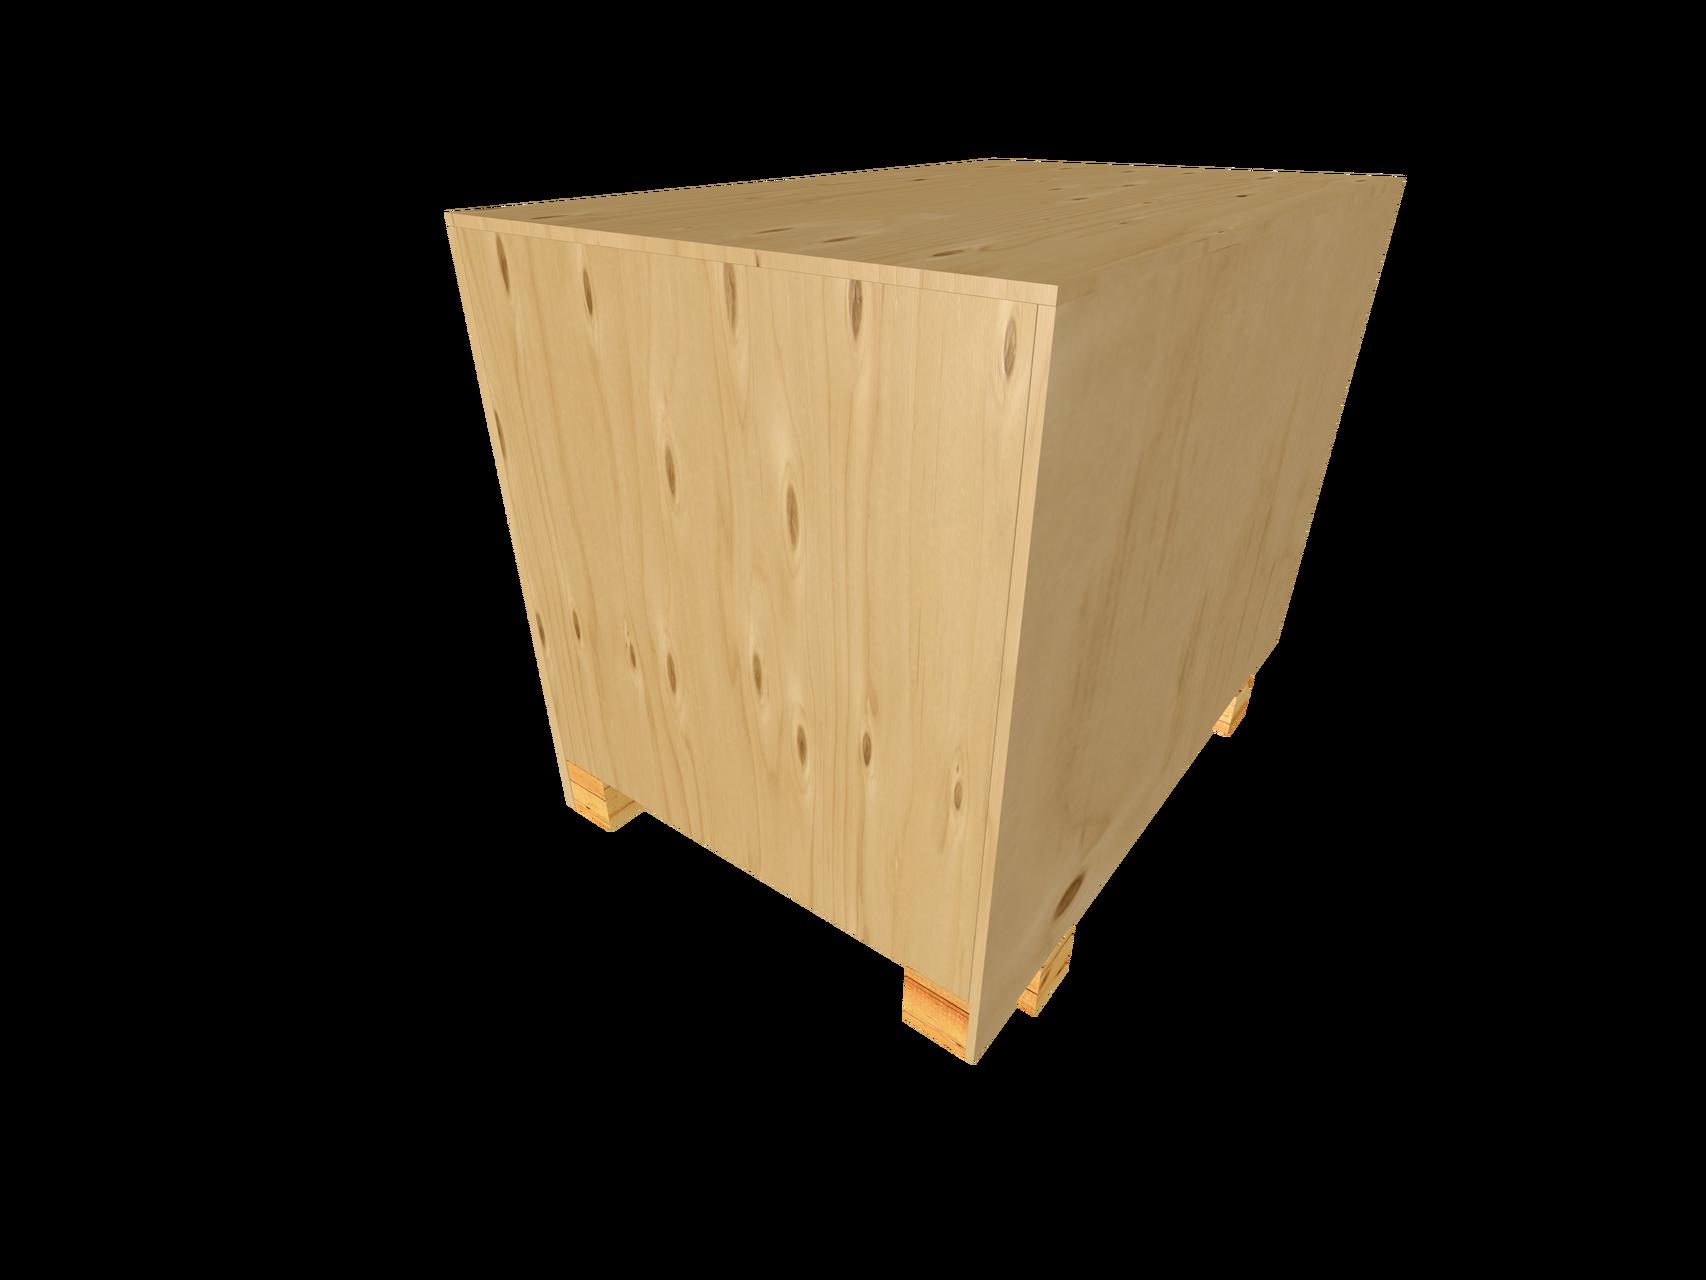 B3 Schwergutkiste mit OSB/Sperholzwänden